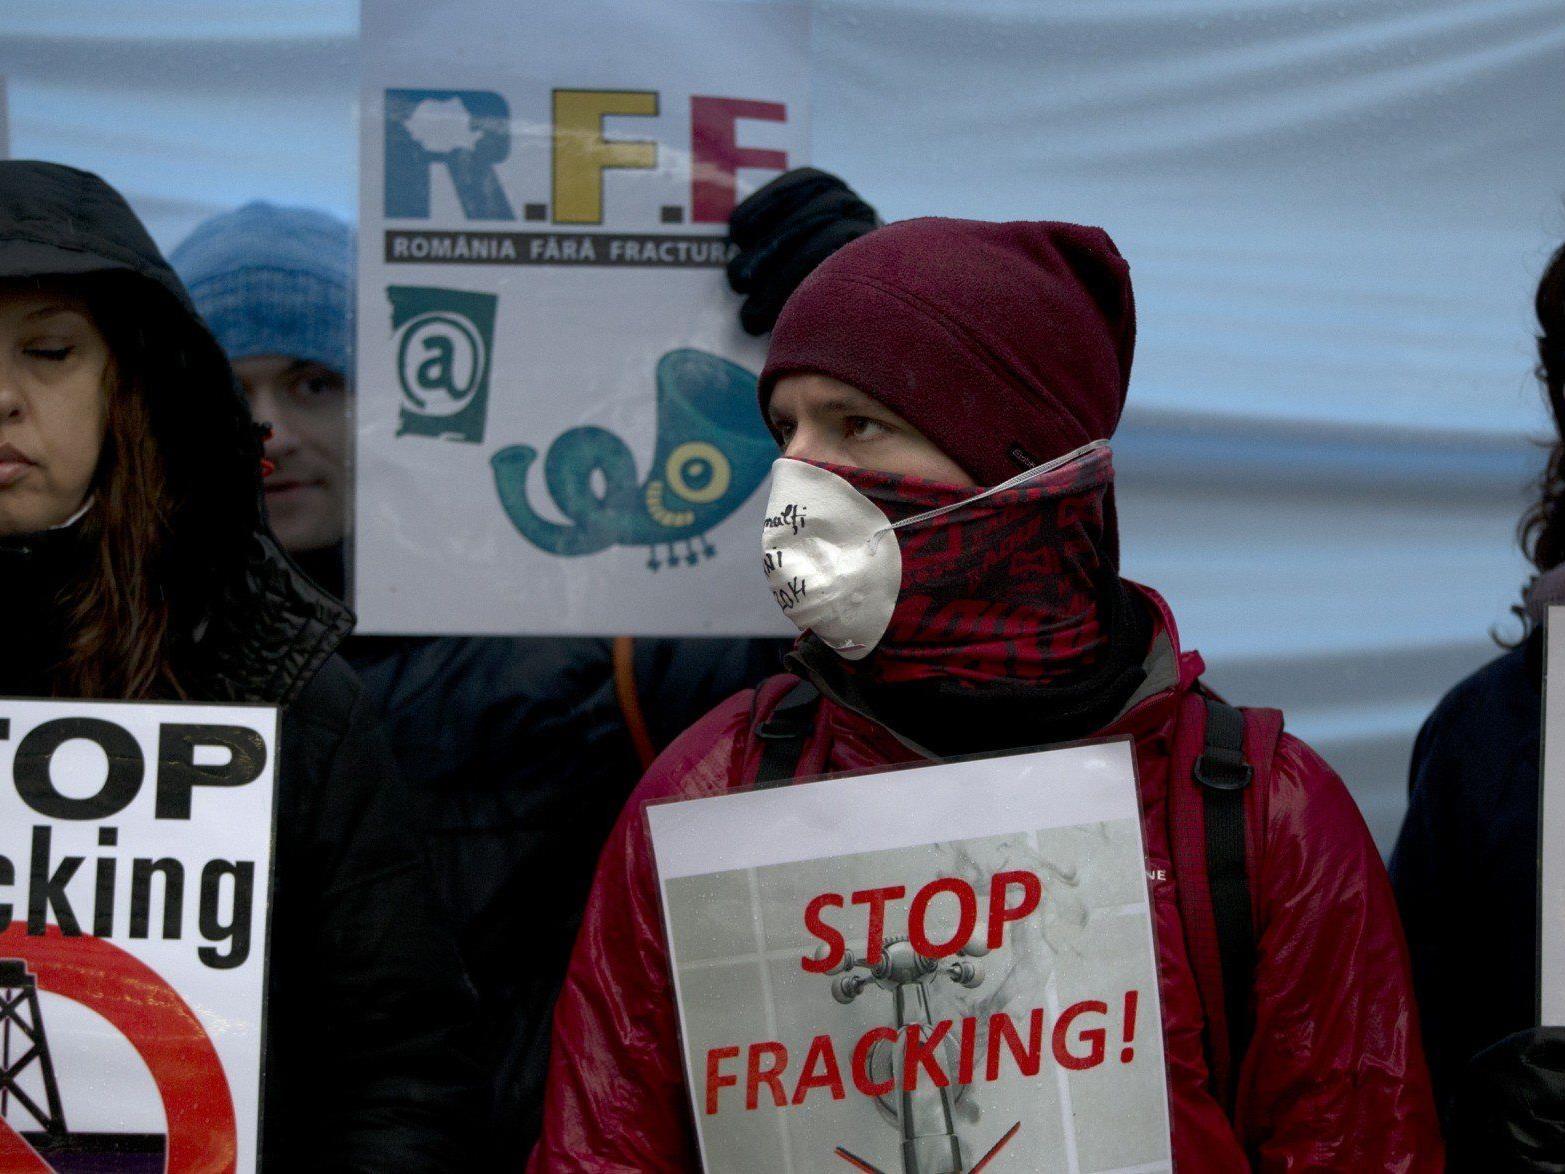 Fracking bewegt Europa - Immer mehr Menschen protestieren.